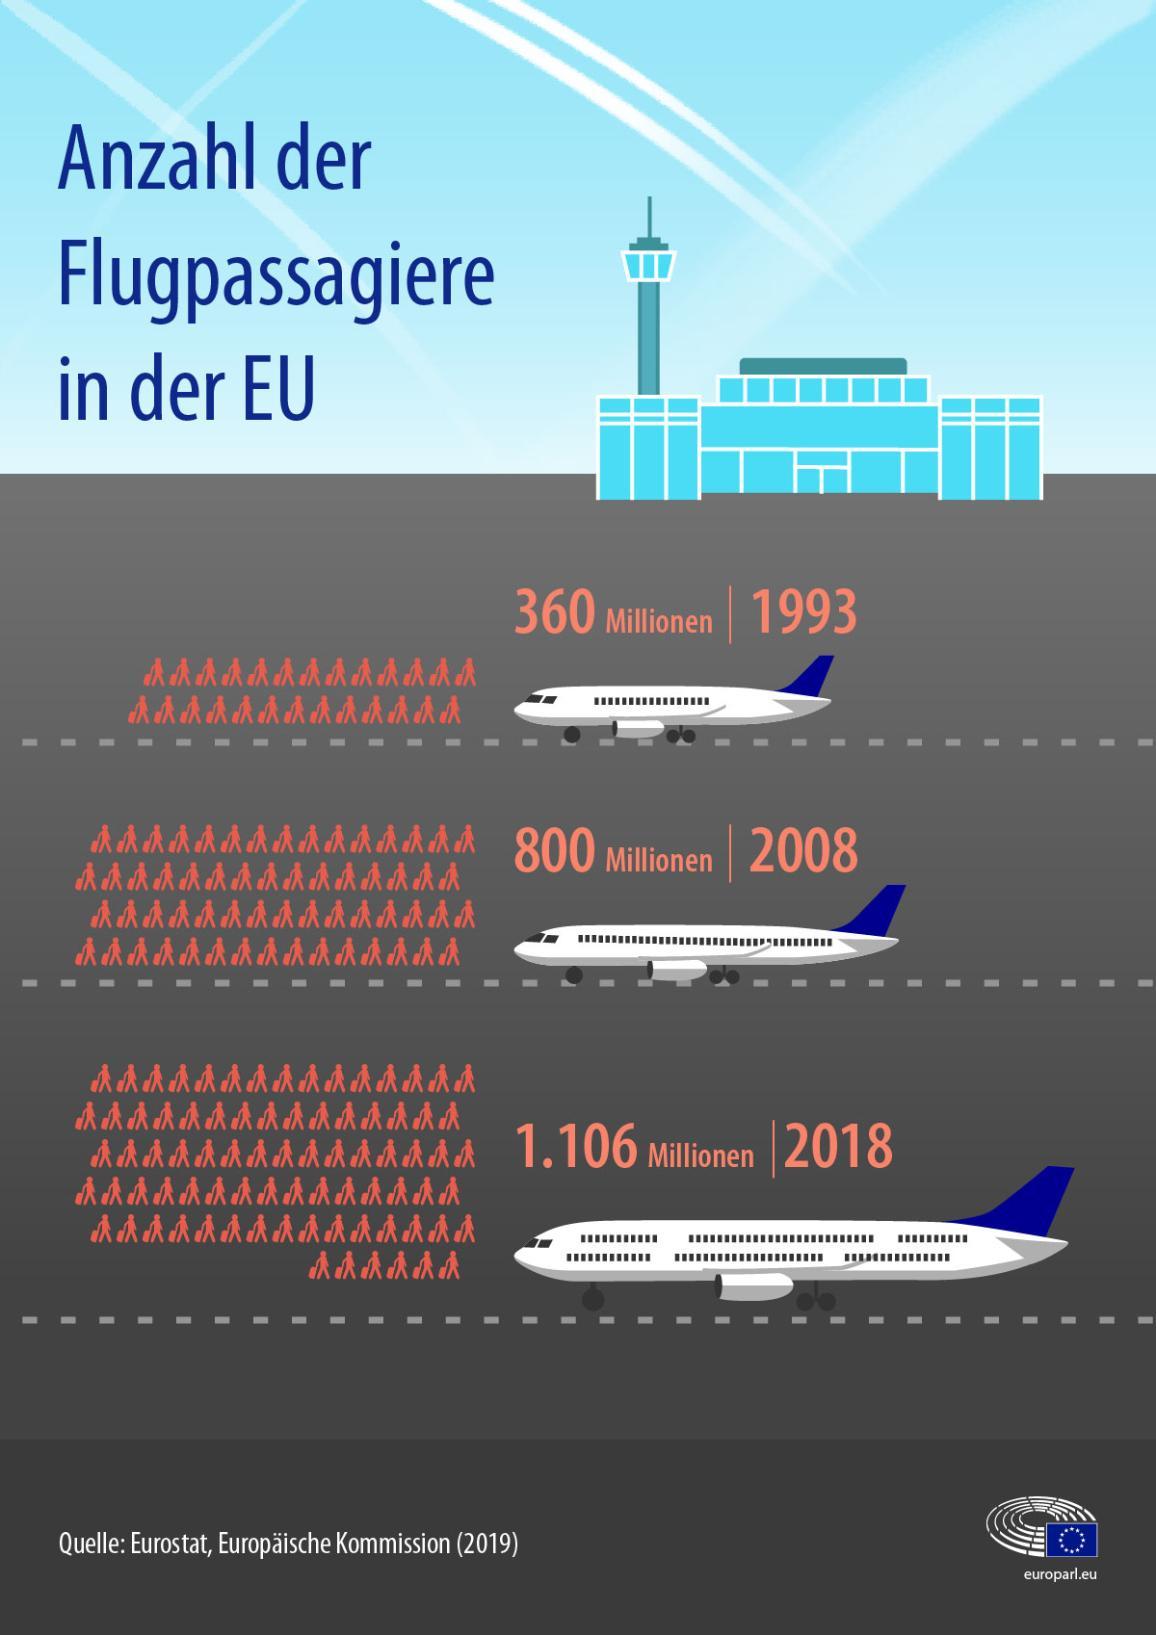 Infografik zur Entwicklung der Flugpassagierzahlen in der EU